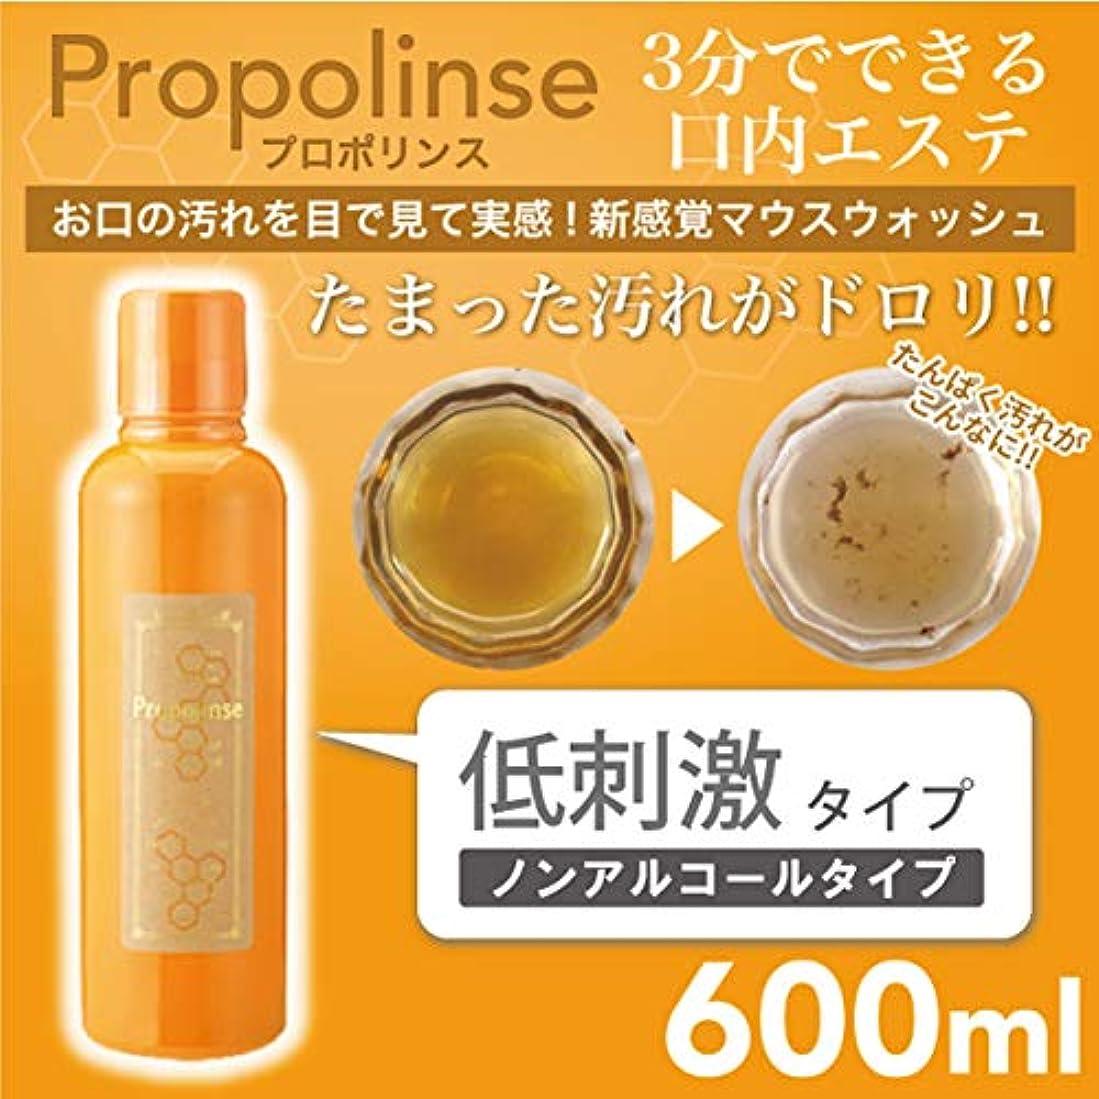 先駆者バン結婚式プロポリンス マウスウォッシュ ピュア (ノンアルコール低刺激) 600ml [30本セット] 口臭対策